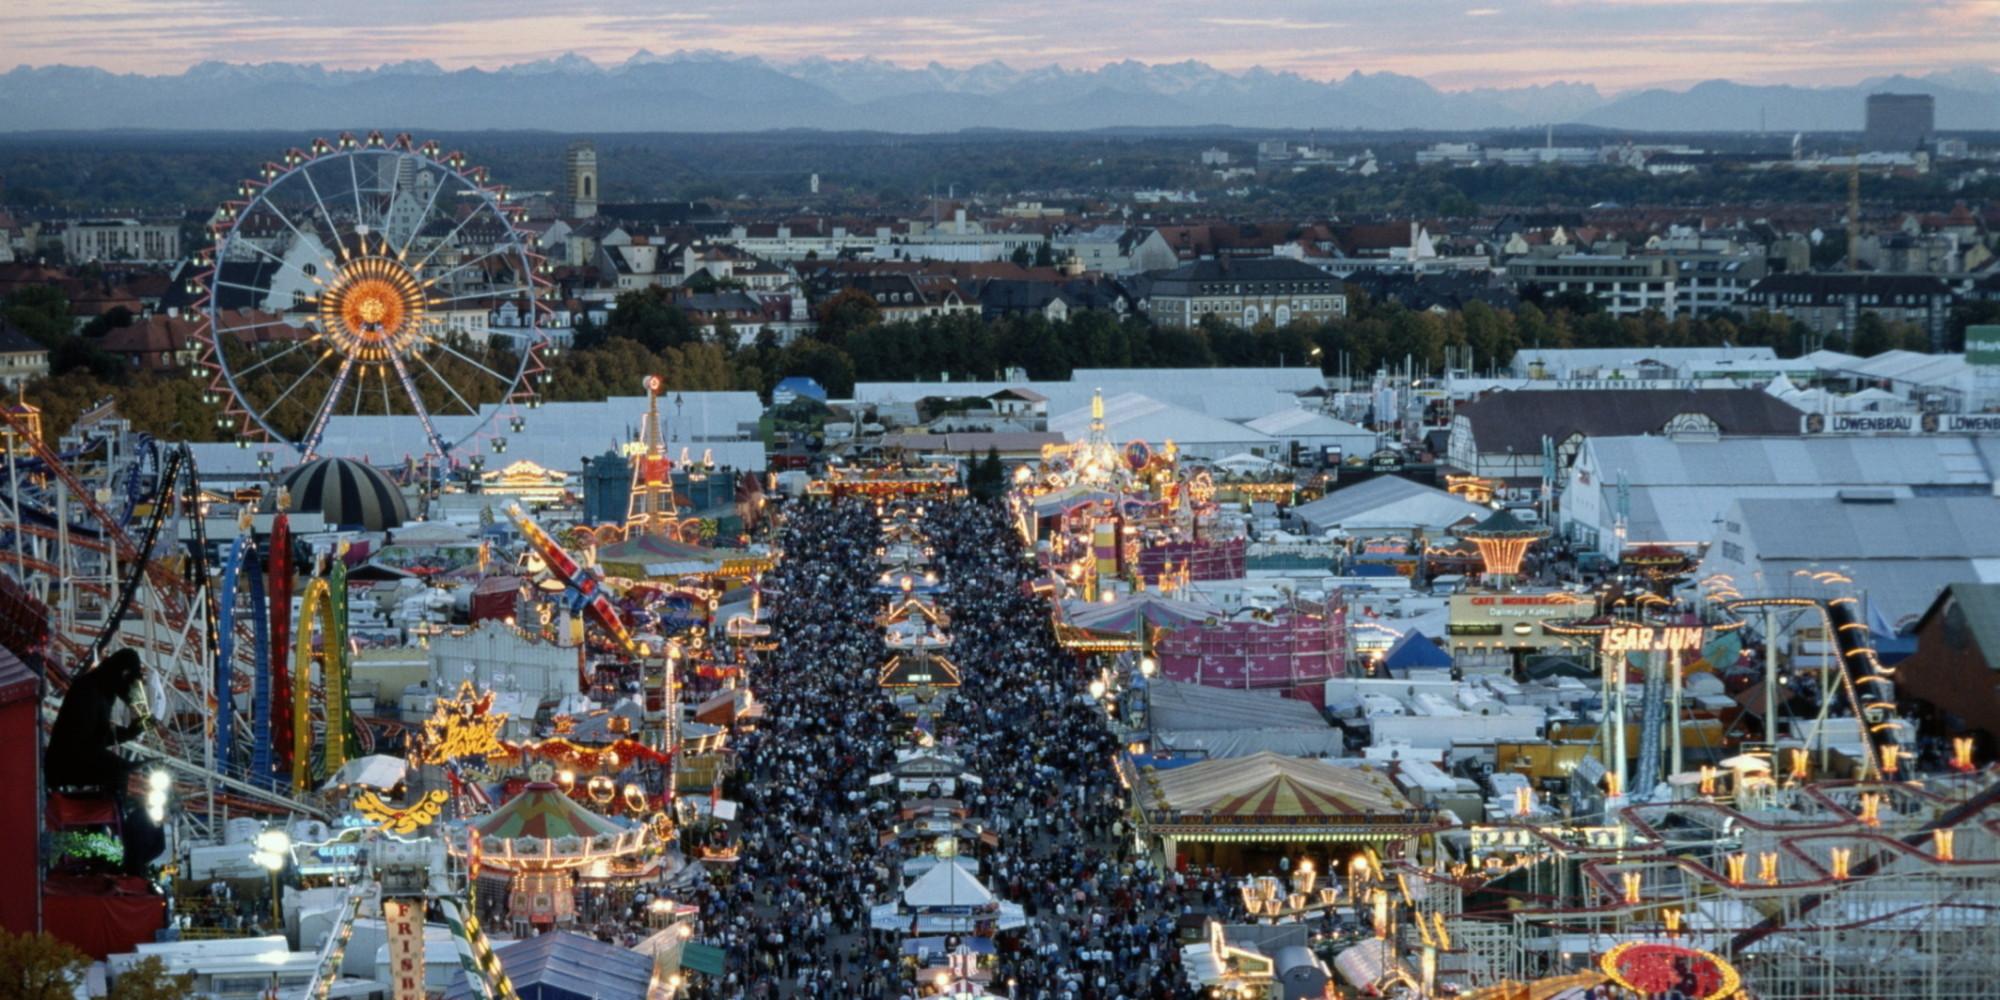 Sicherheitsbedenken: Auf dem Münchner Oktoberfest soll es ...